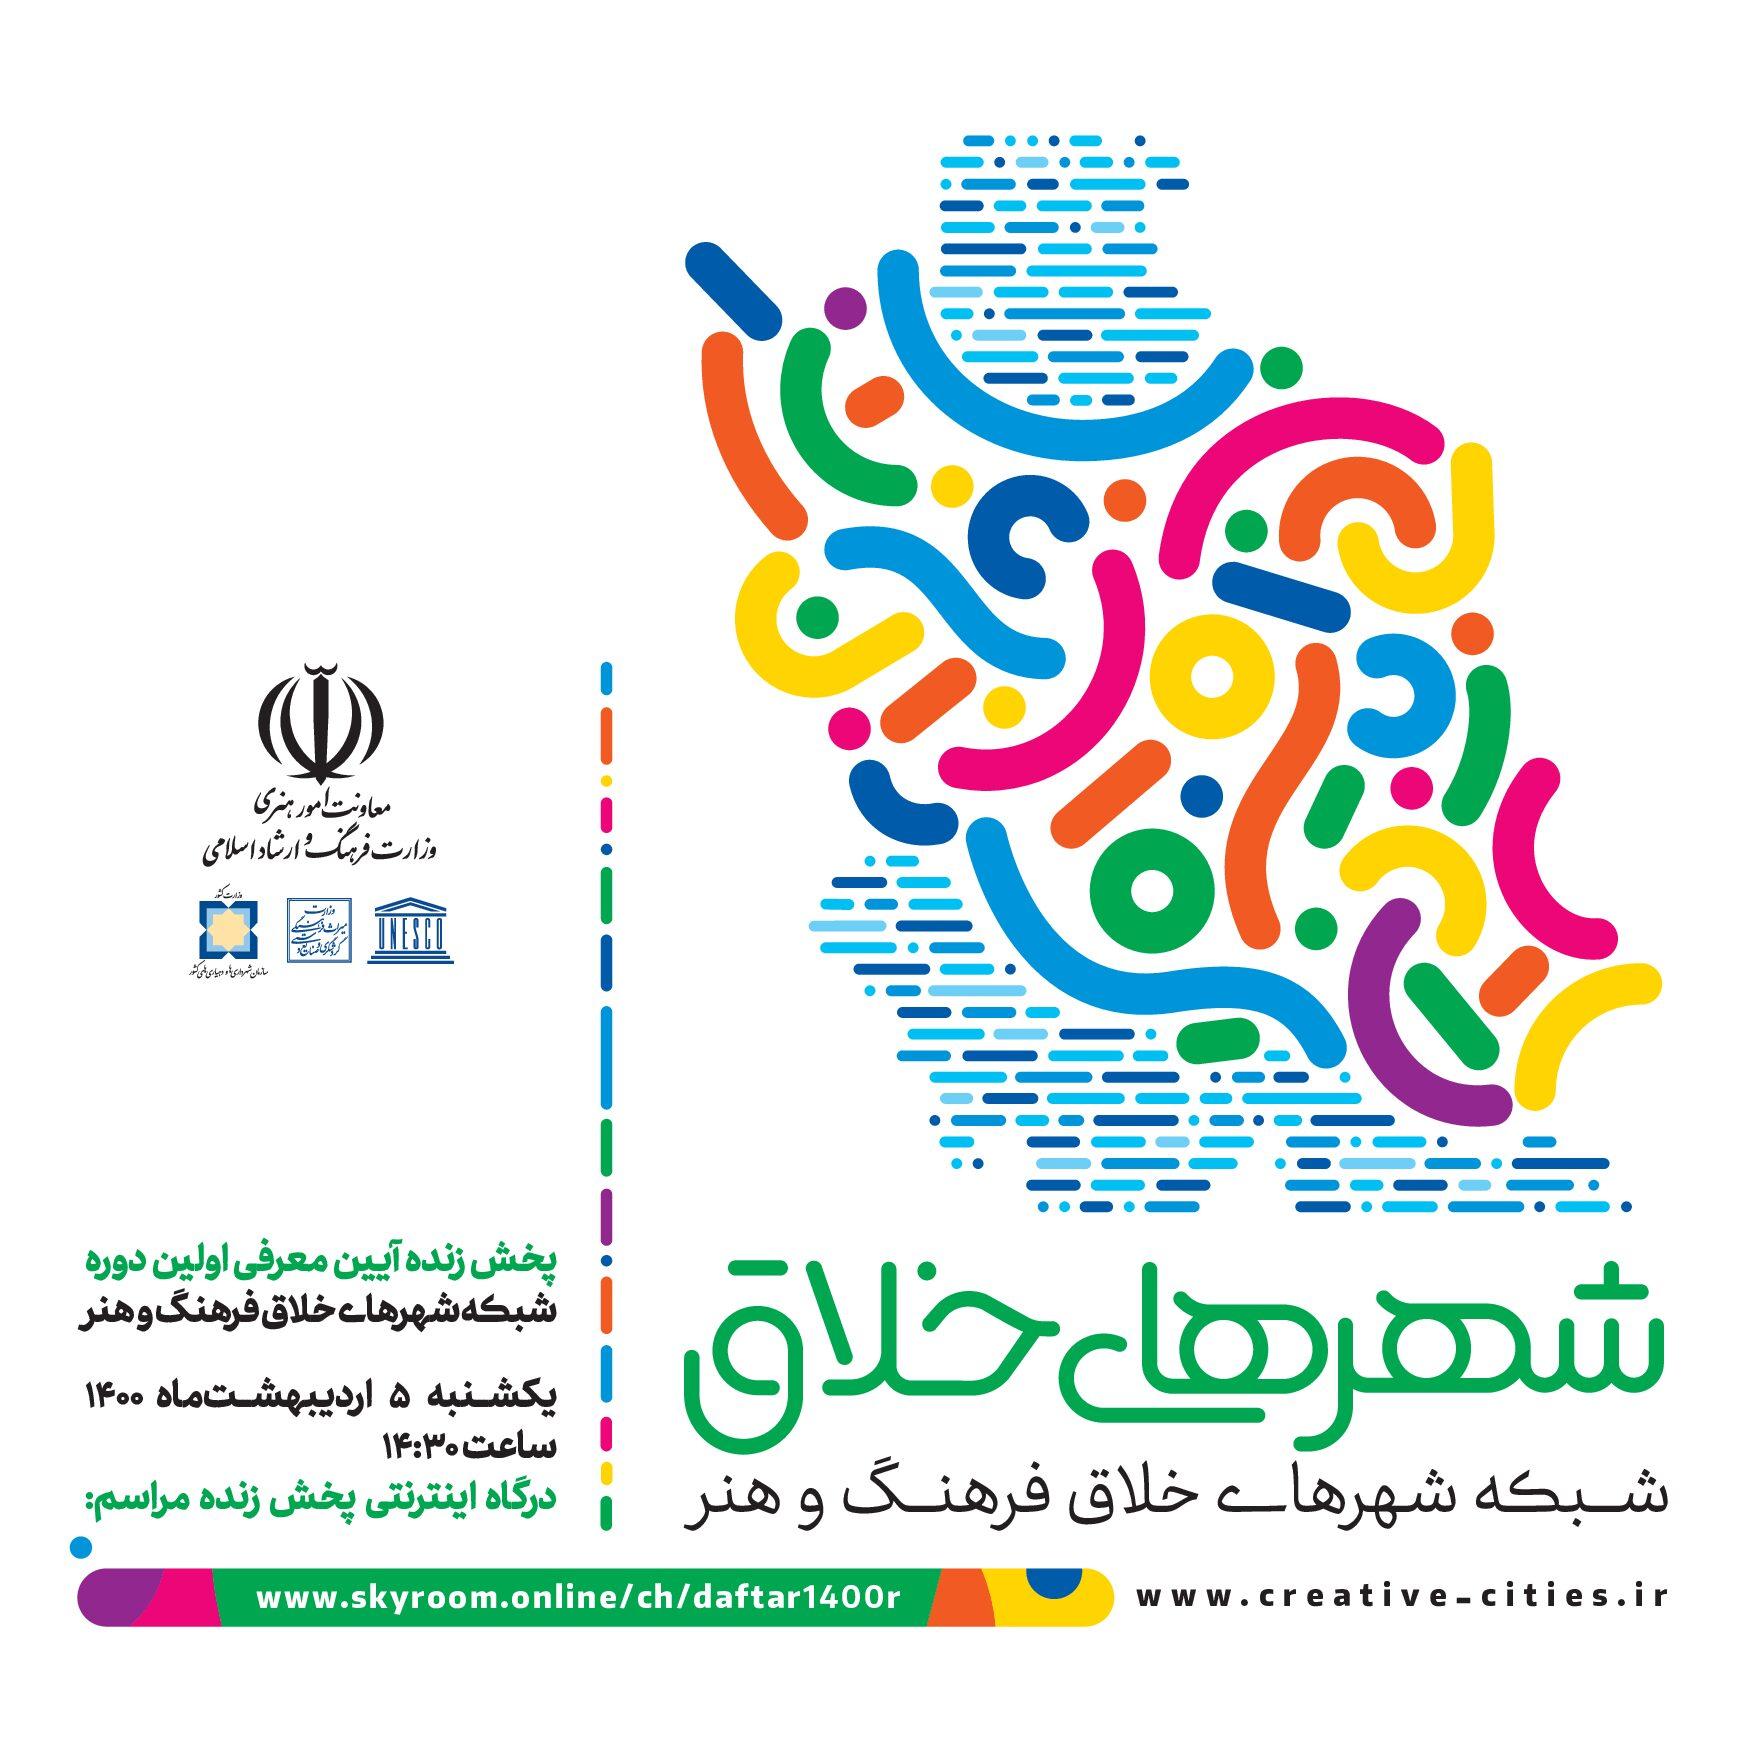 آیین معرفی اولین دوره شبکه شهرهای خلاق فرهنگ و هنر به صورت مجازی